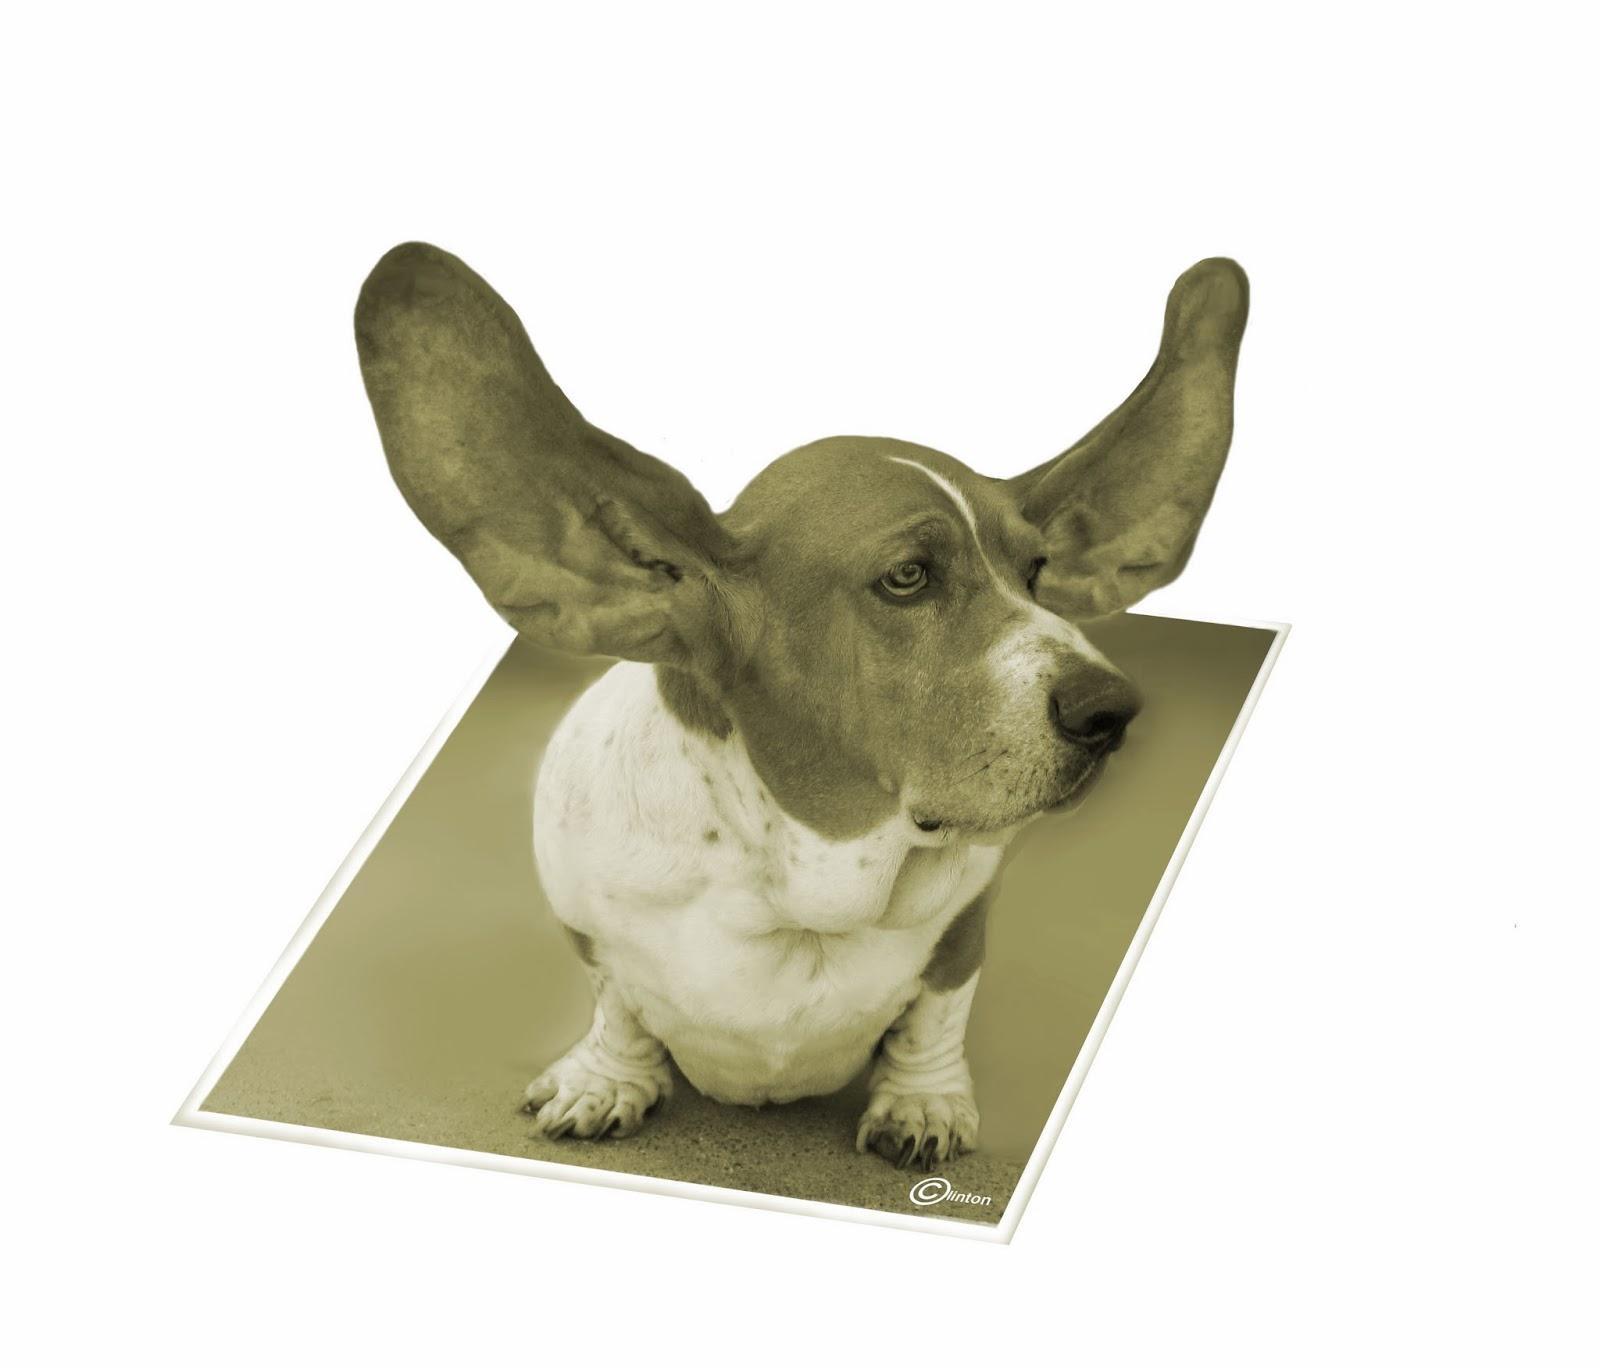 Bentley Basset with his ears flying